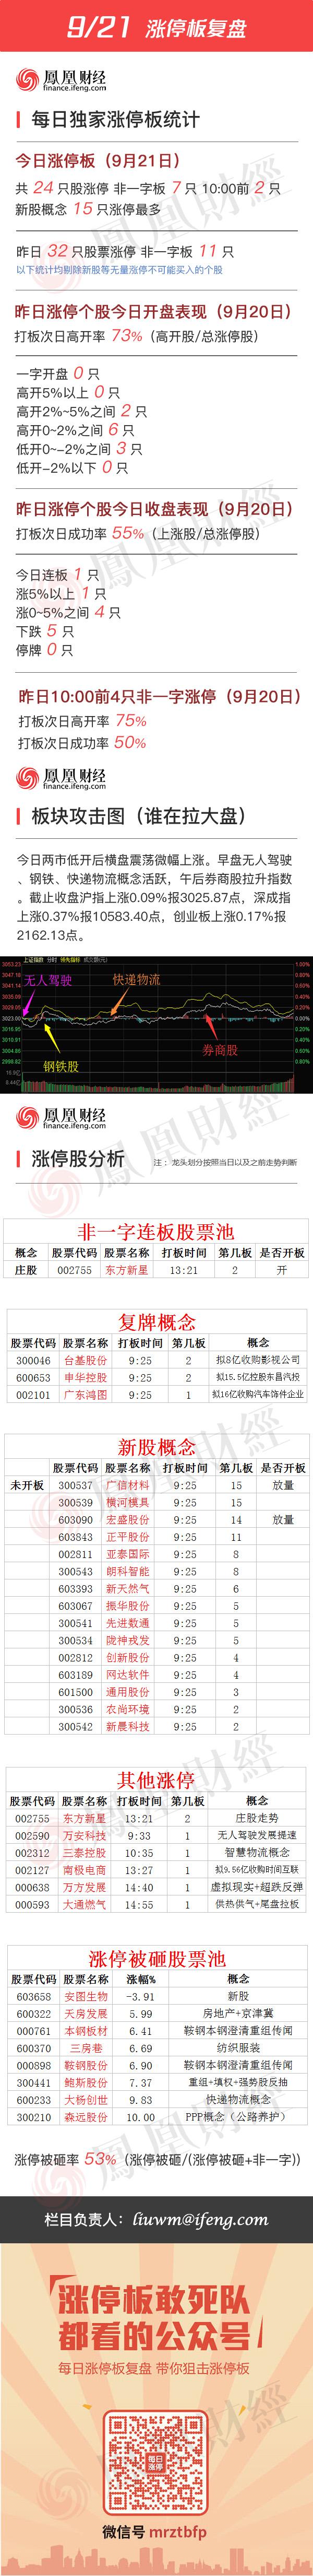 2016年9月21日涨停板复盘 - 小美 - xing1969wuw的博客